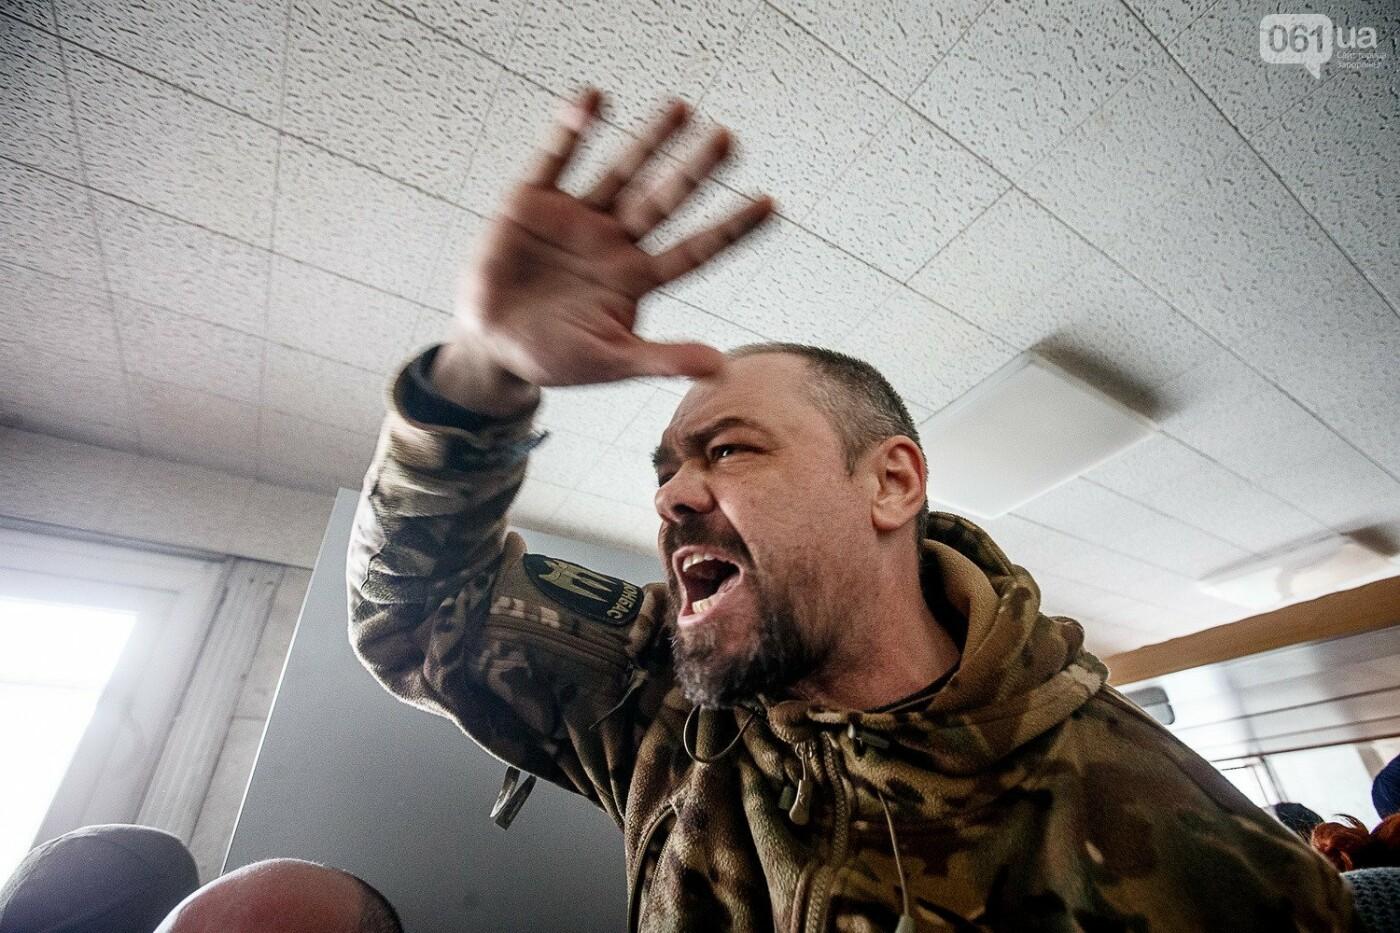 В Бердянске застрелили Виталия Олешко: кто он и против кого выступал, - ФОТО, ВИДЕО, фото-4